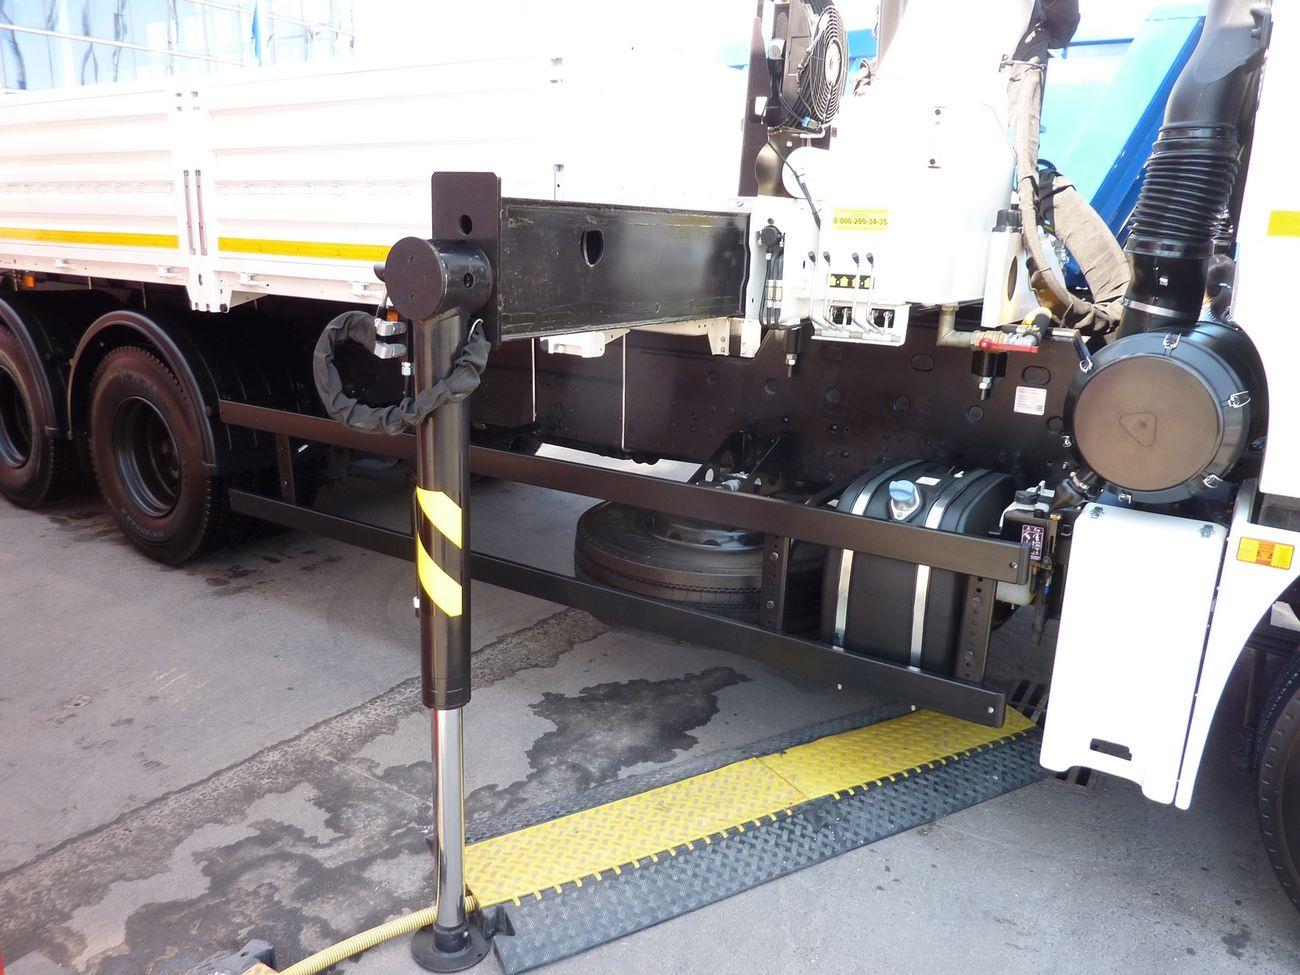 Телескопические опоры встроены в основание стойки крана, выдвигаются при помощи гидравлики, но разворот стоек опор из рабочего в транспортное положение производится вручную